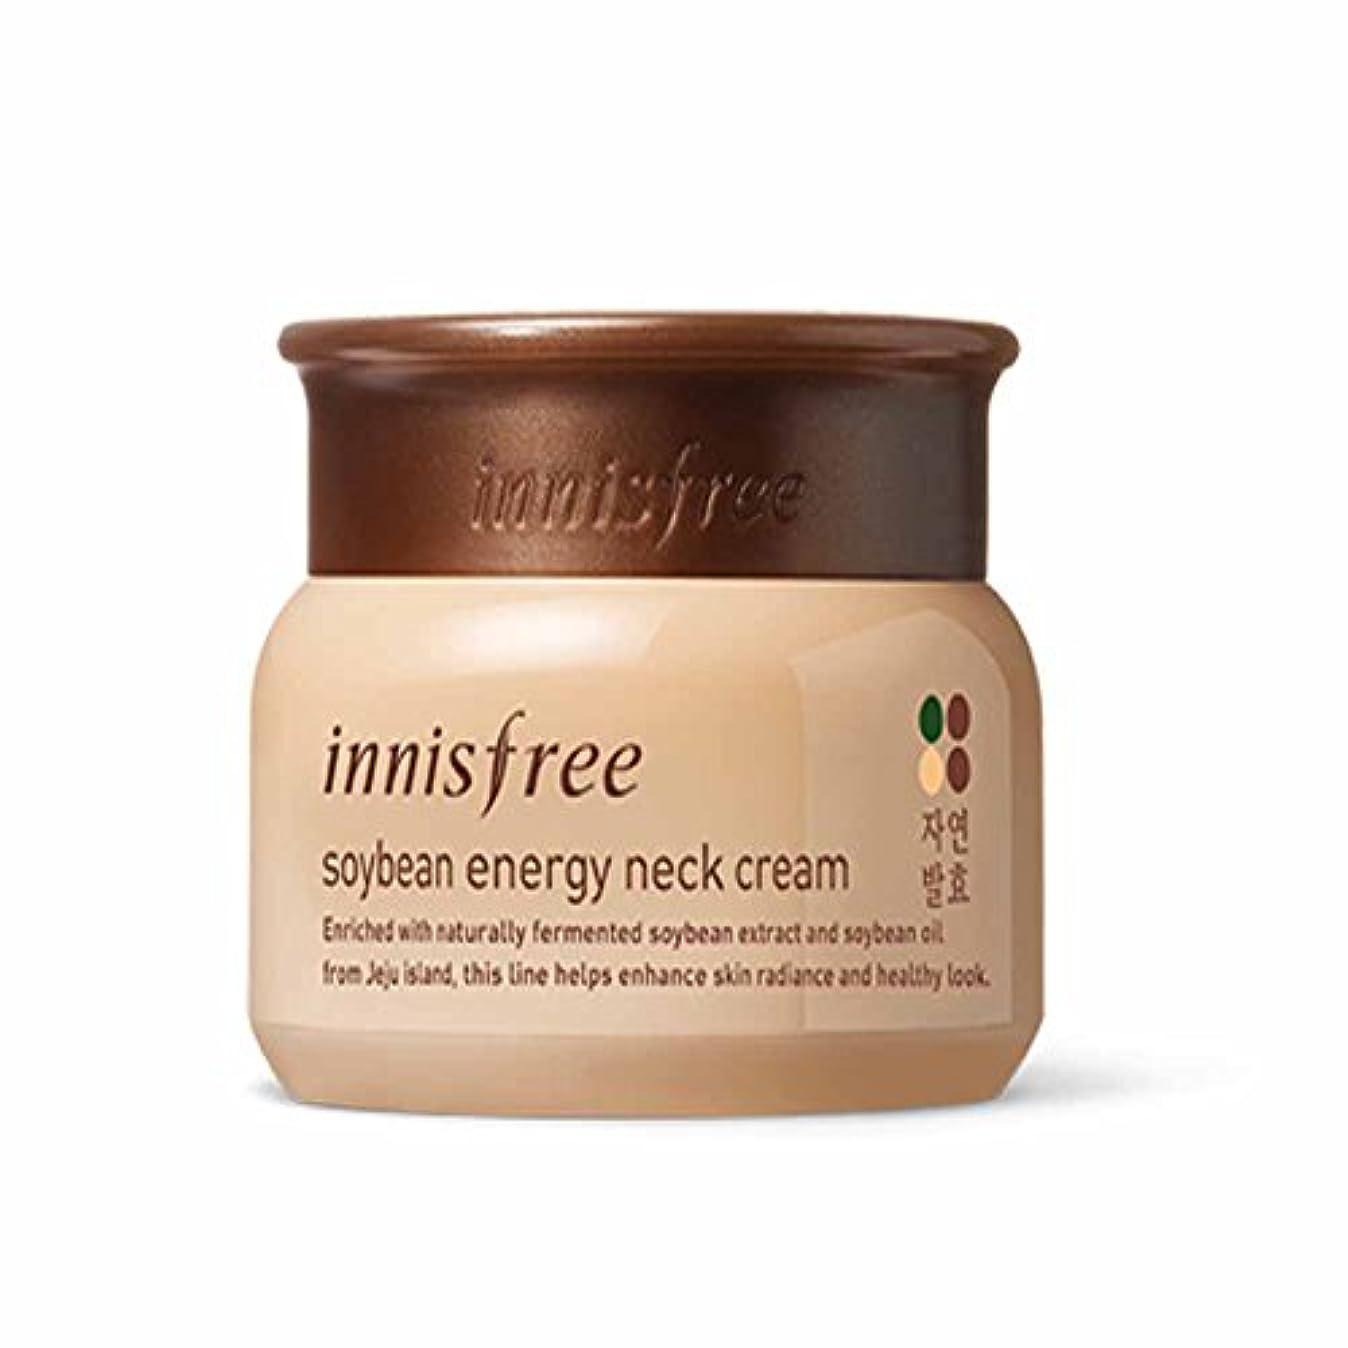 コメンテーター冷淡なモニカイニスフリーソーイングエナジーネッククリーム80ml / Innisfree Soybean Energy Neck Cream 80ml[海外直送品] [並行輸入品]